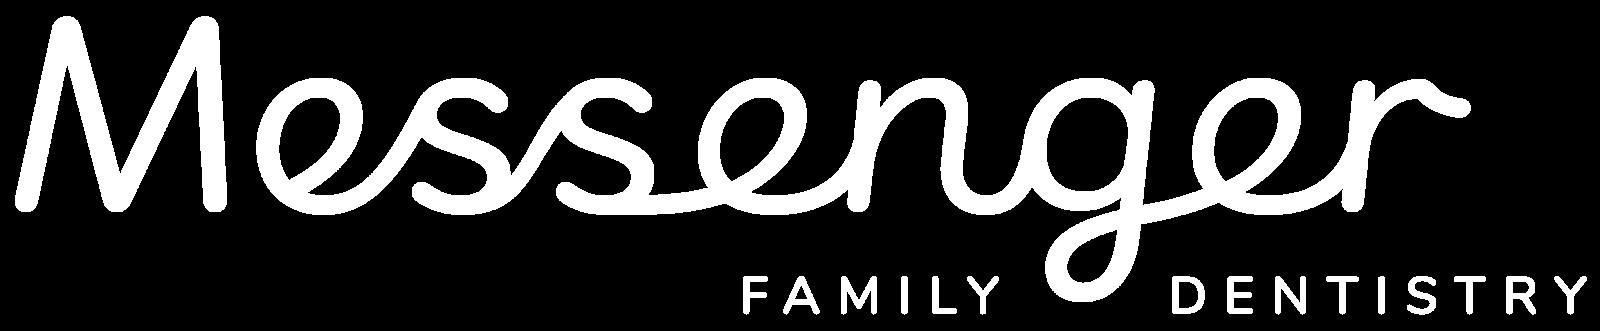 Messenger Family Dentistry